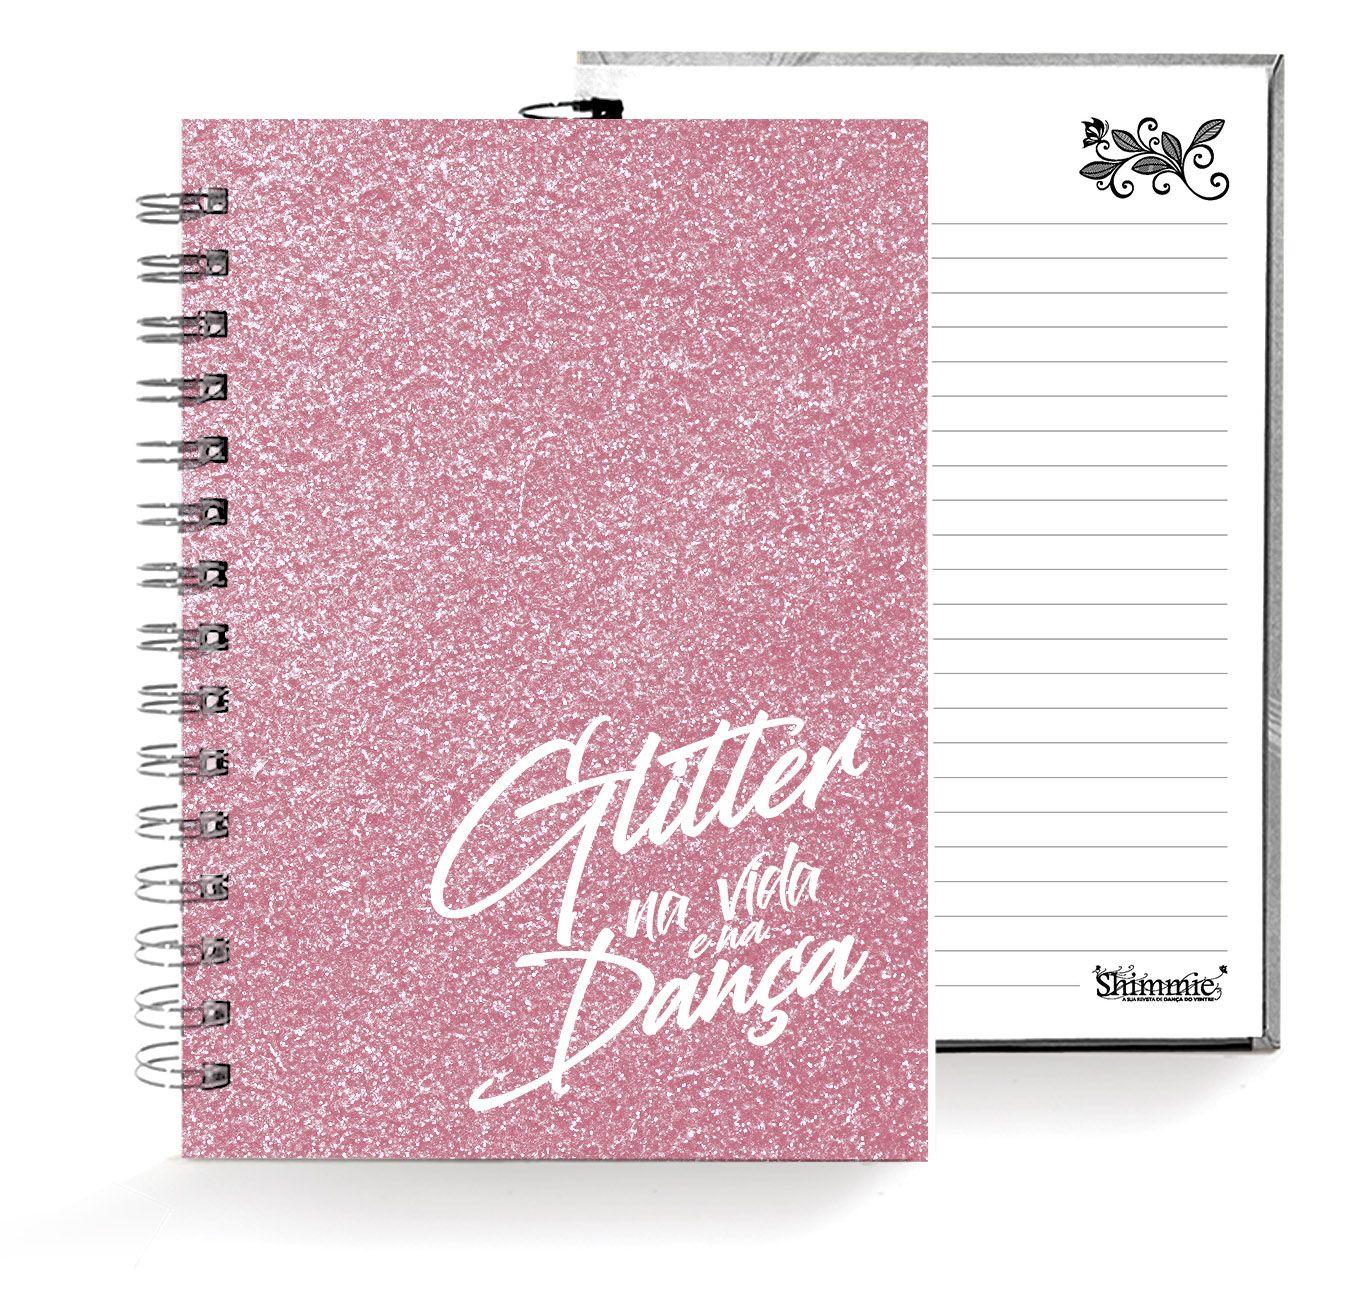 Caixa Glitter . Caderno . Rosa